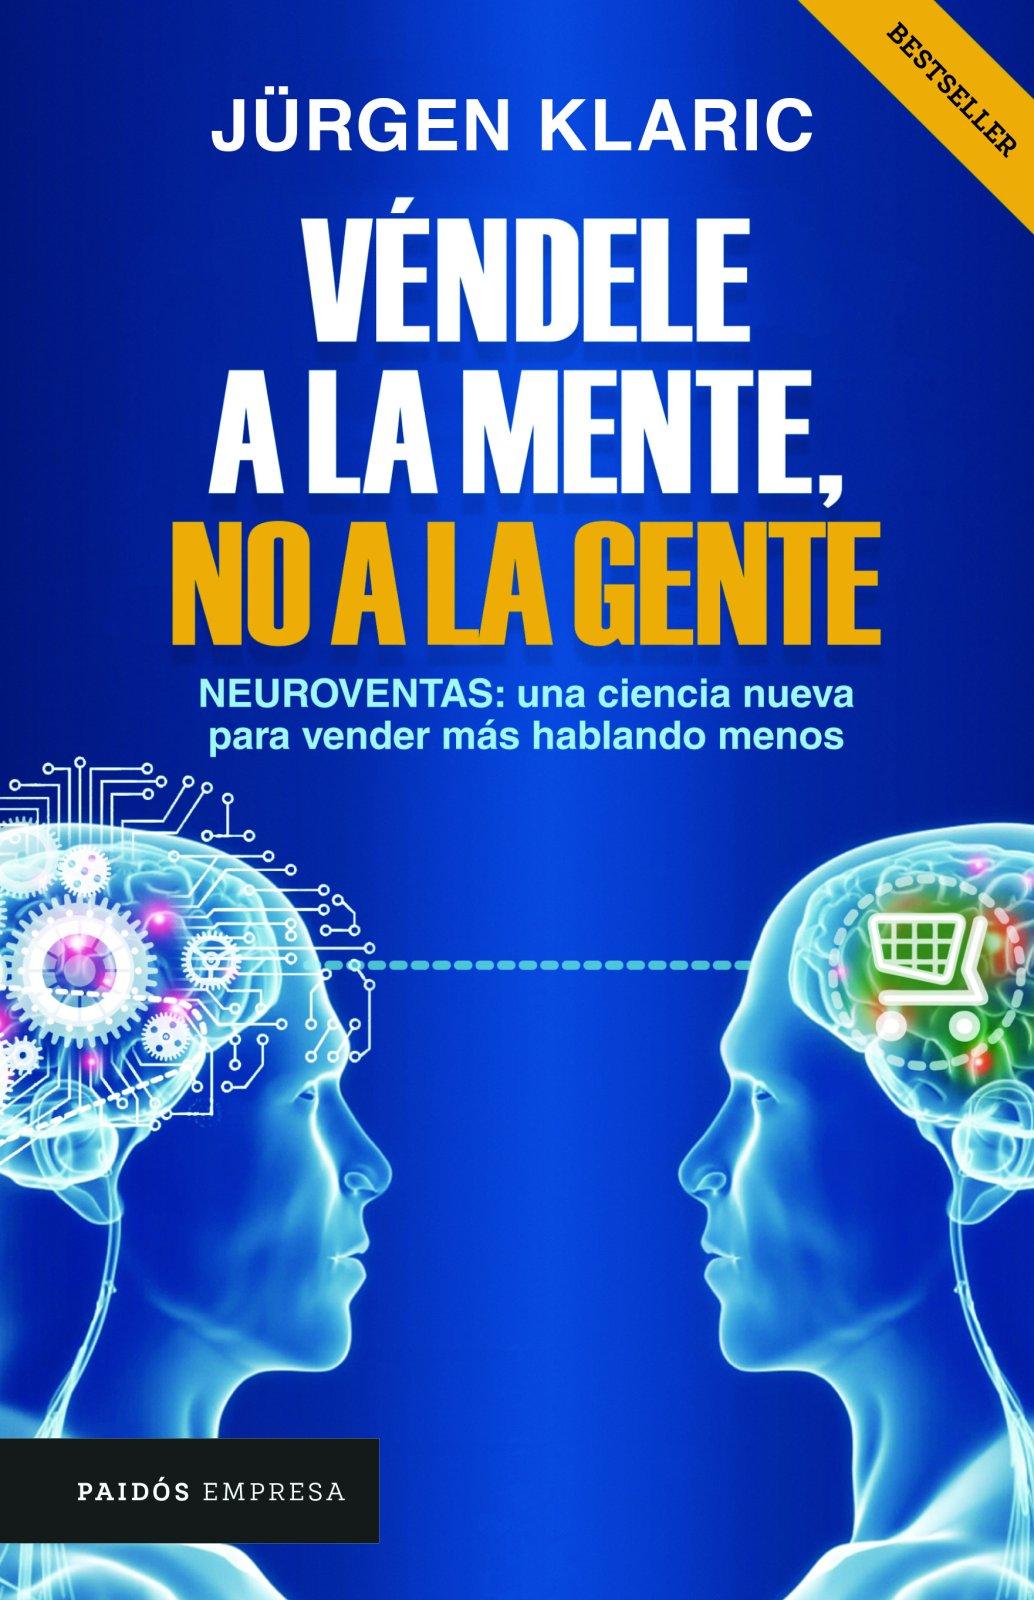 Véndele a la mente, no a la gente (Spanish Edition) (Spanish) Paperback – January 3, 2017 Jürgen Klaric Véndele a la mente Planeta Publishing 6077472476